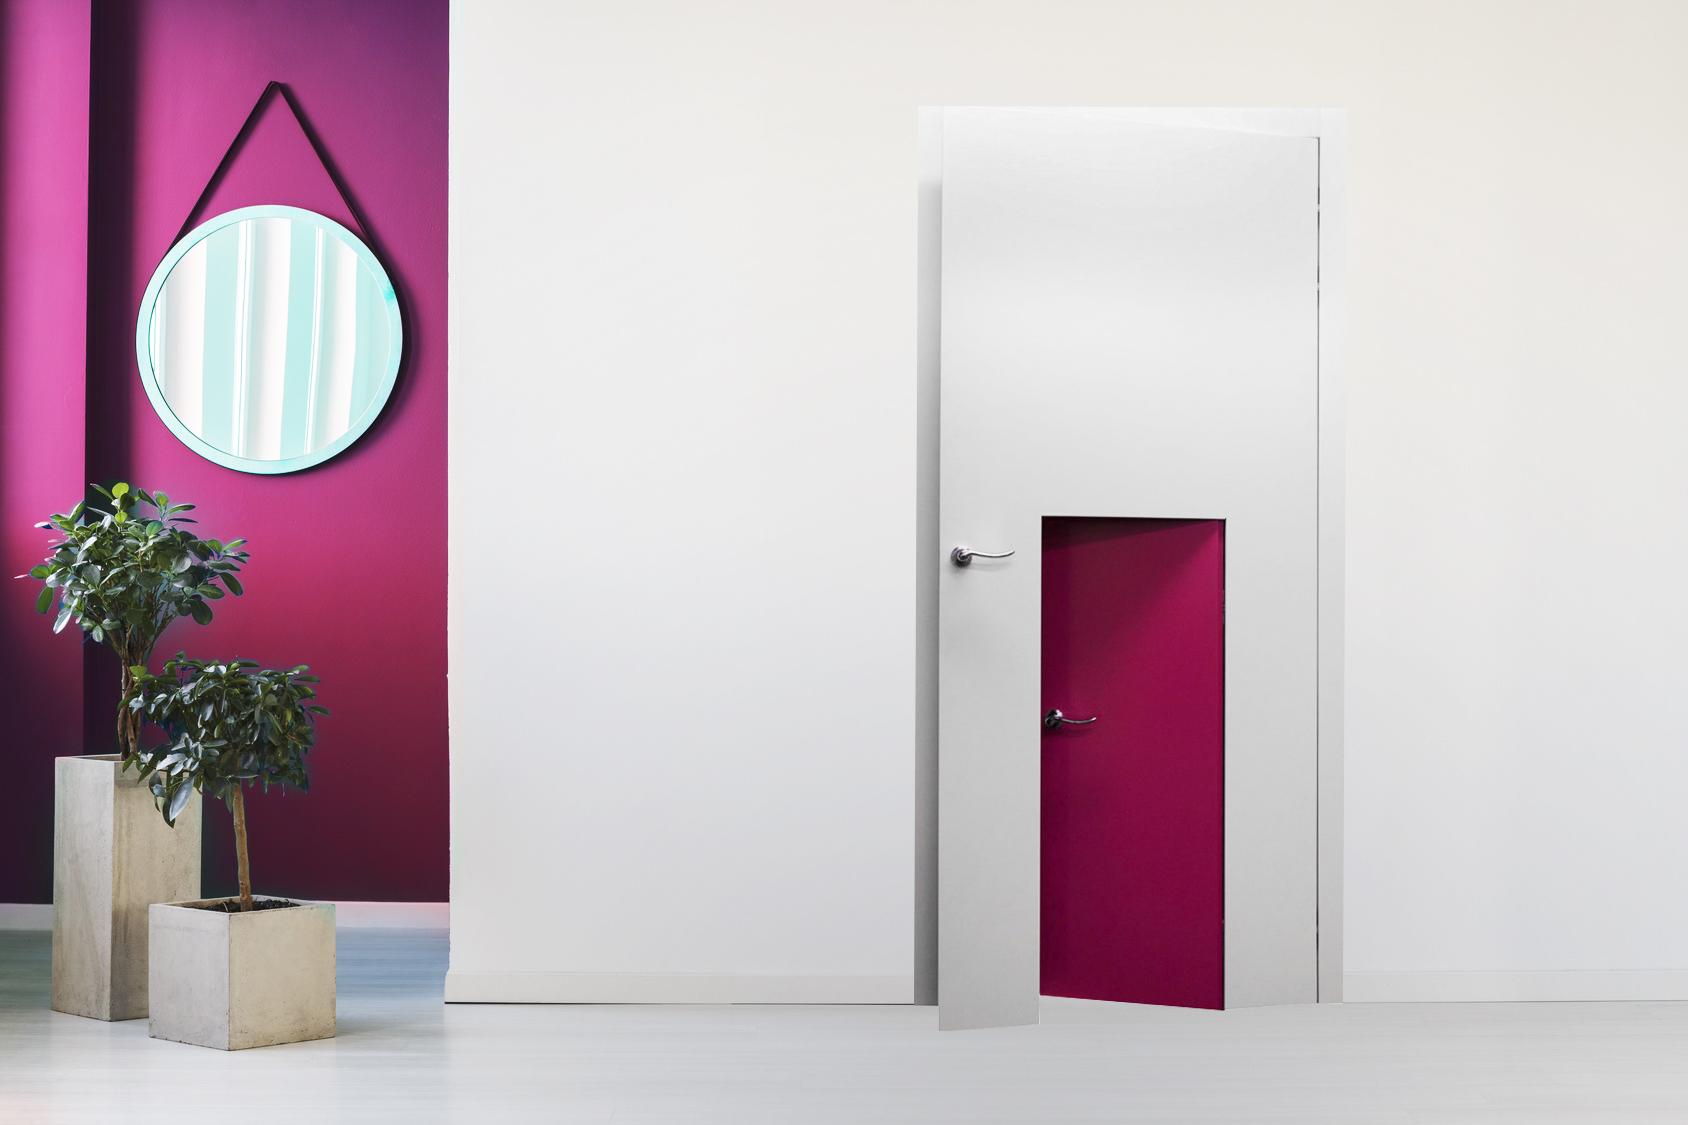 Drzwi w drzwiach do pokoju dziecka